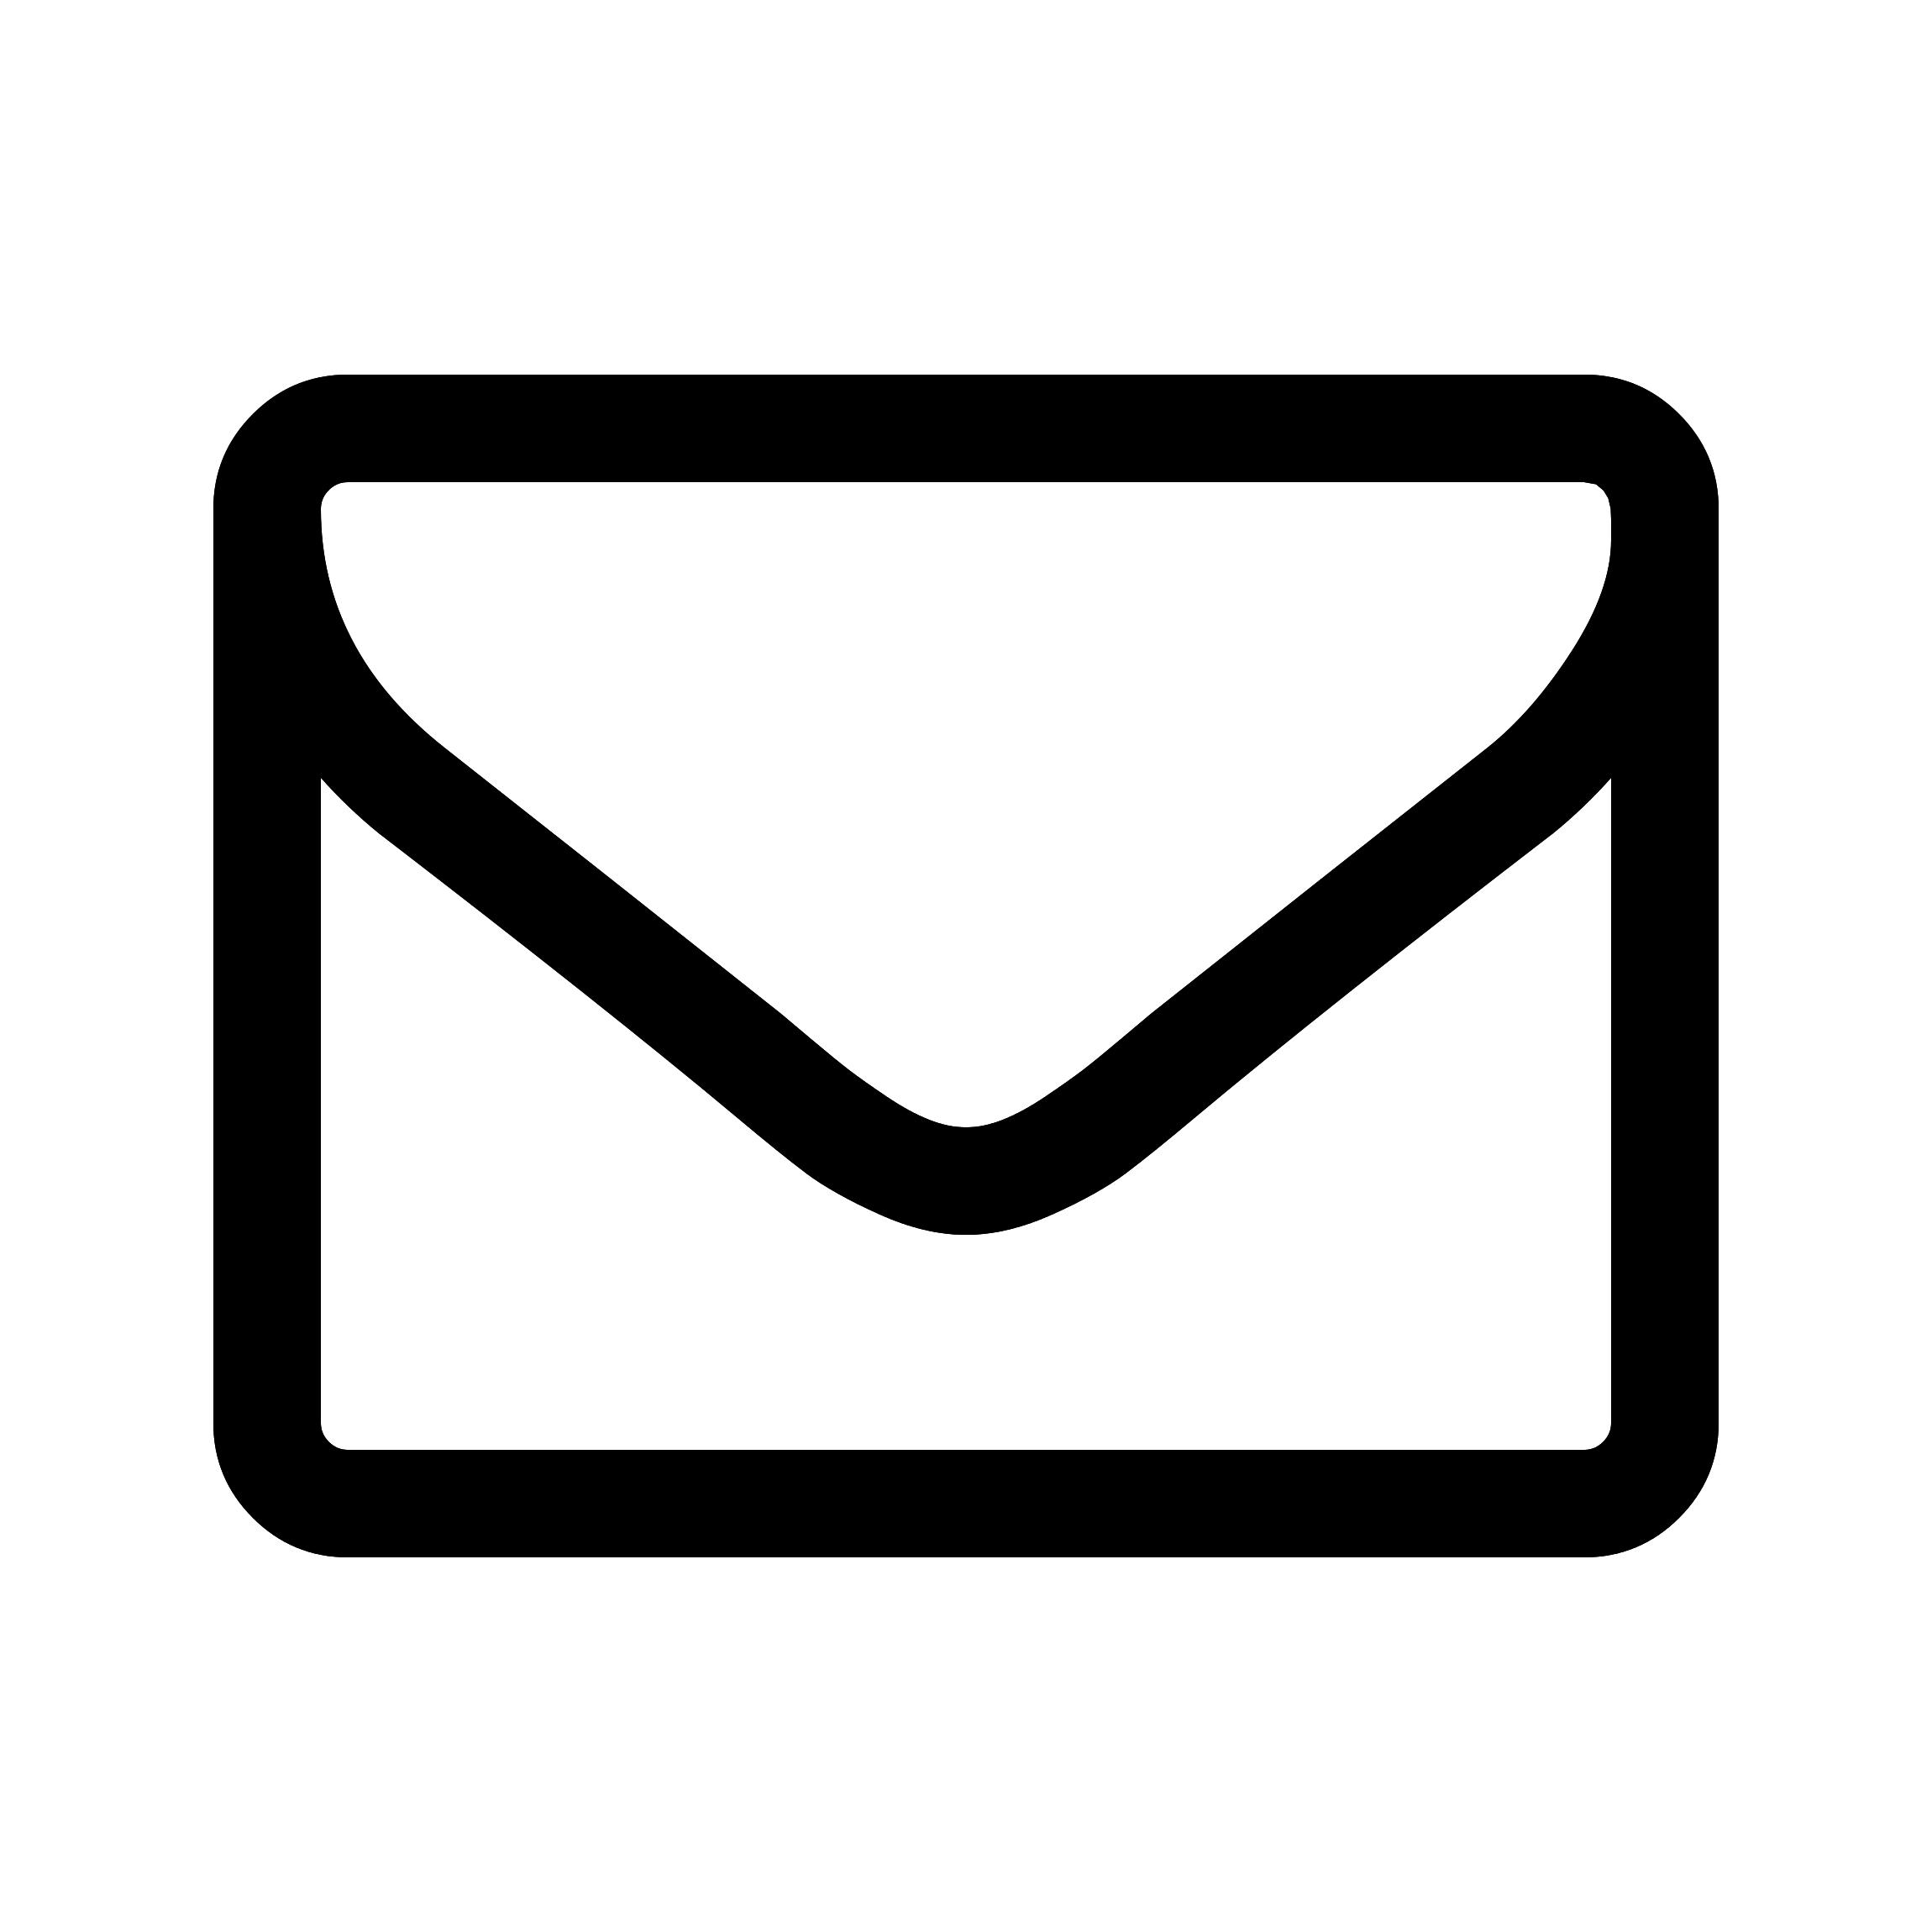 data/images/envelope-o.png